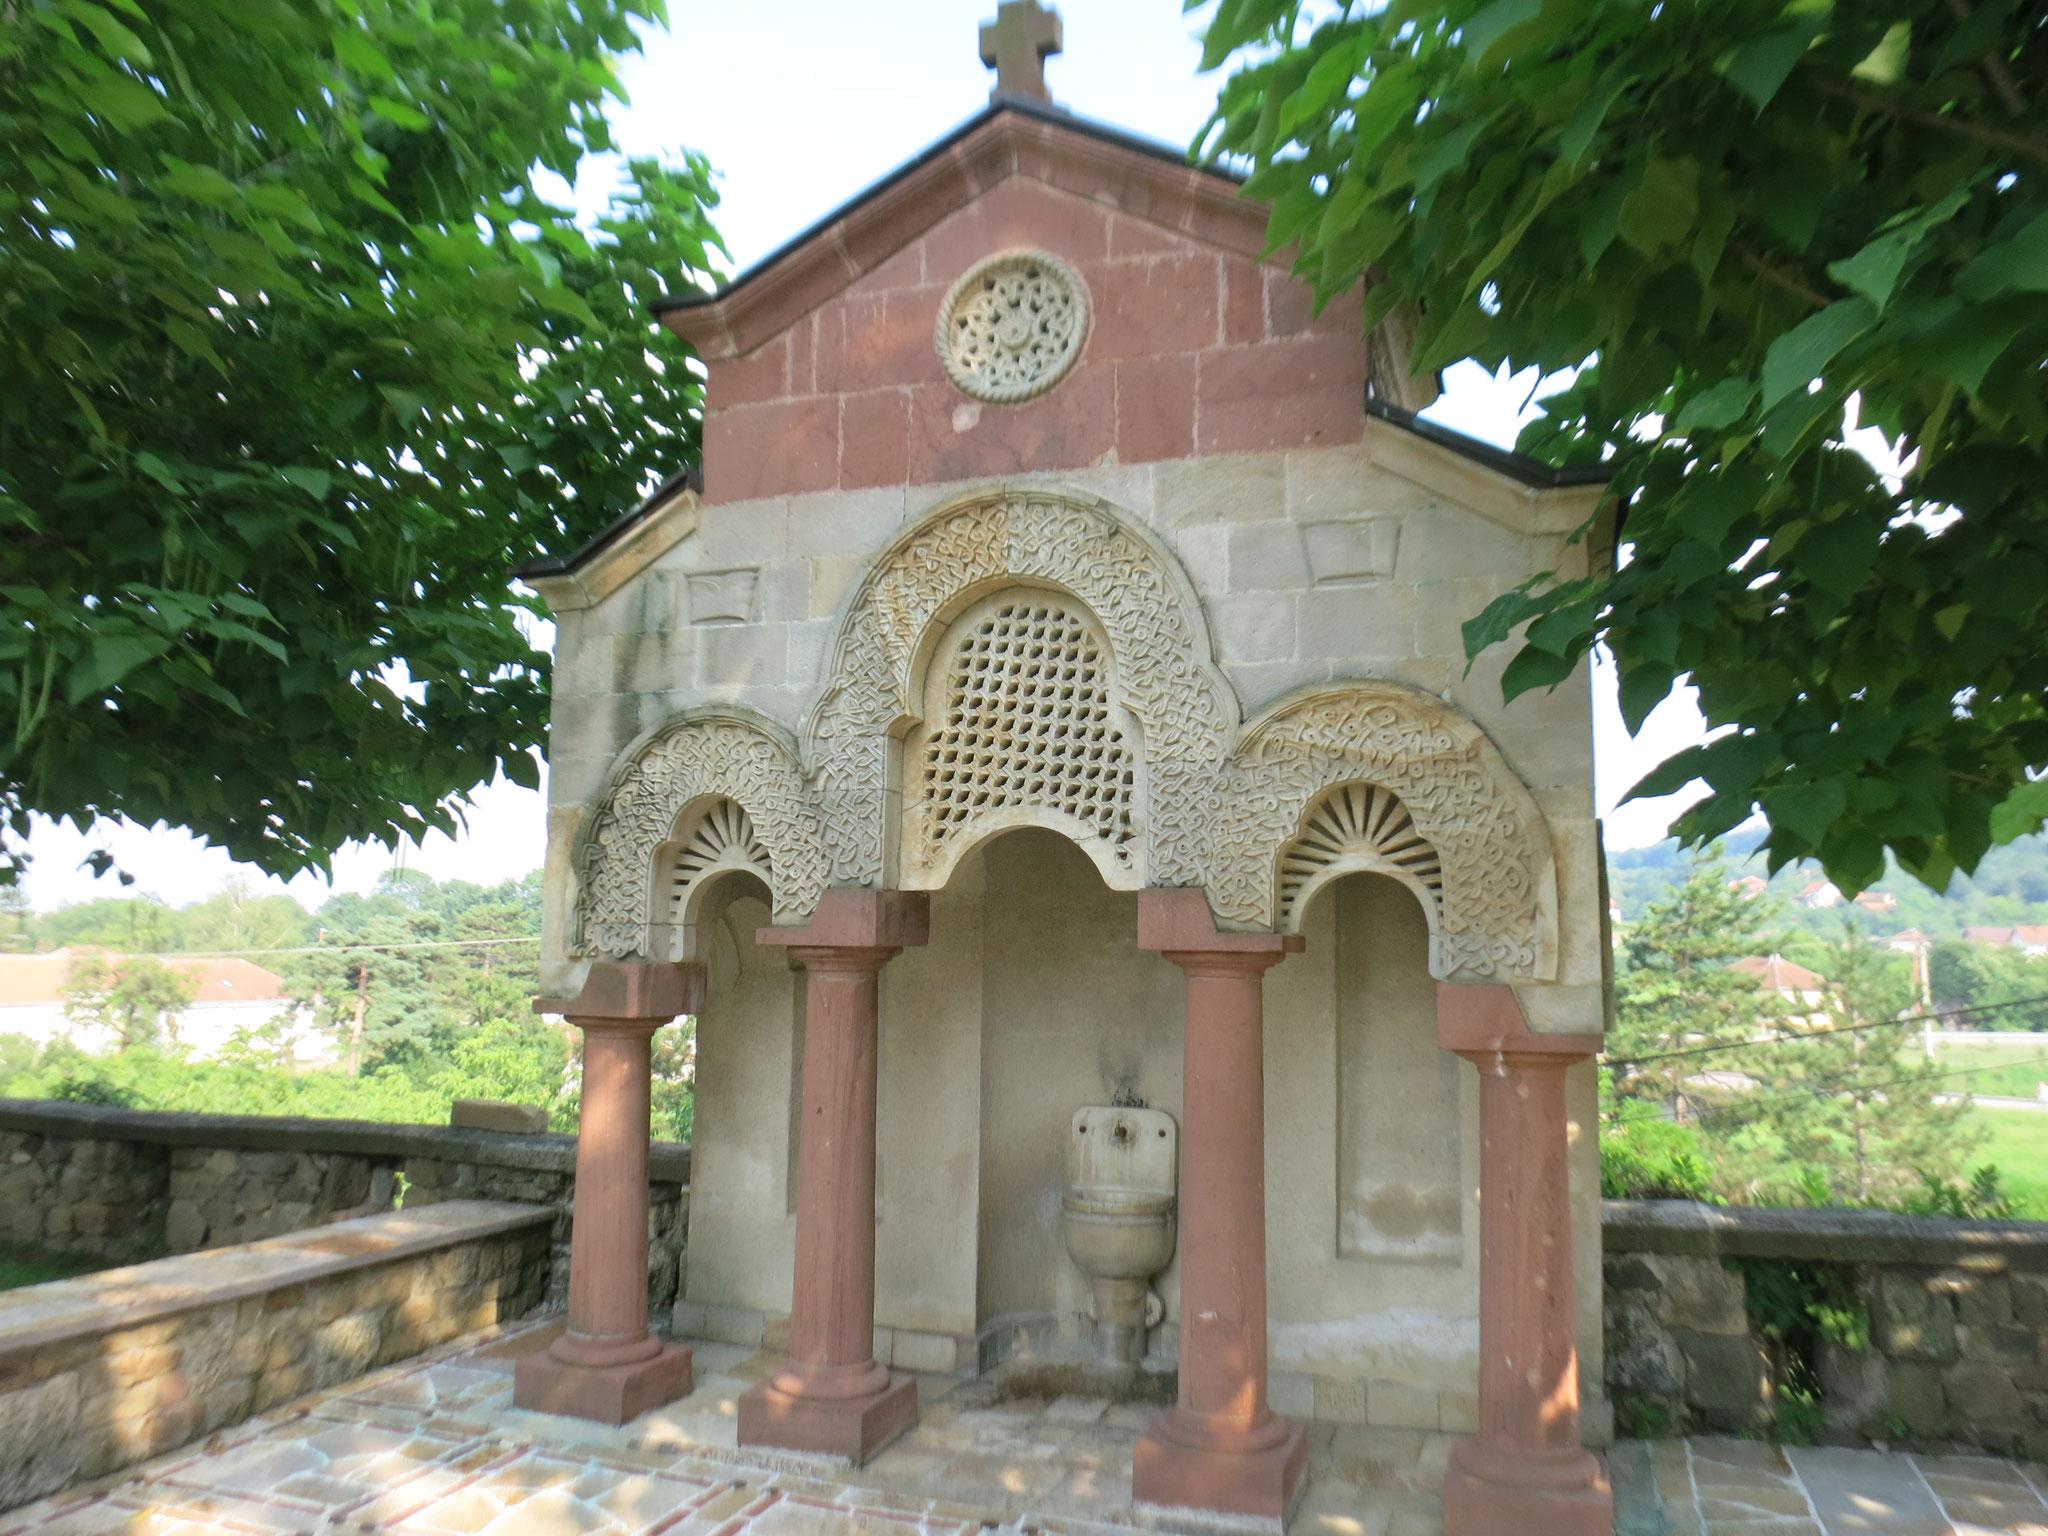 Fuente dentro del monasterio